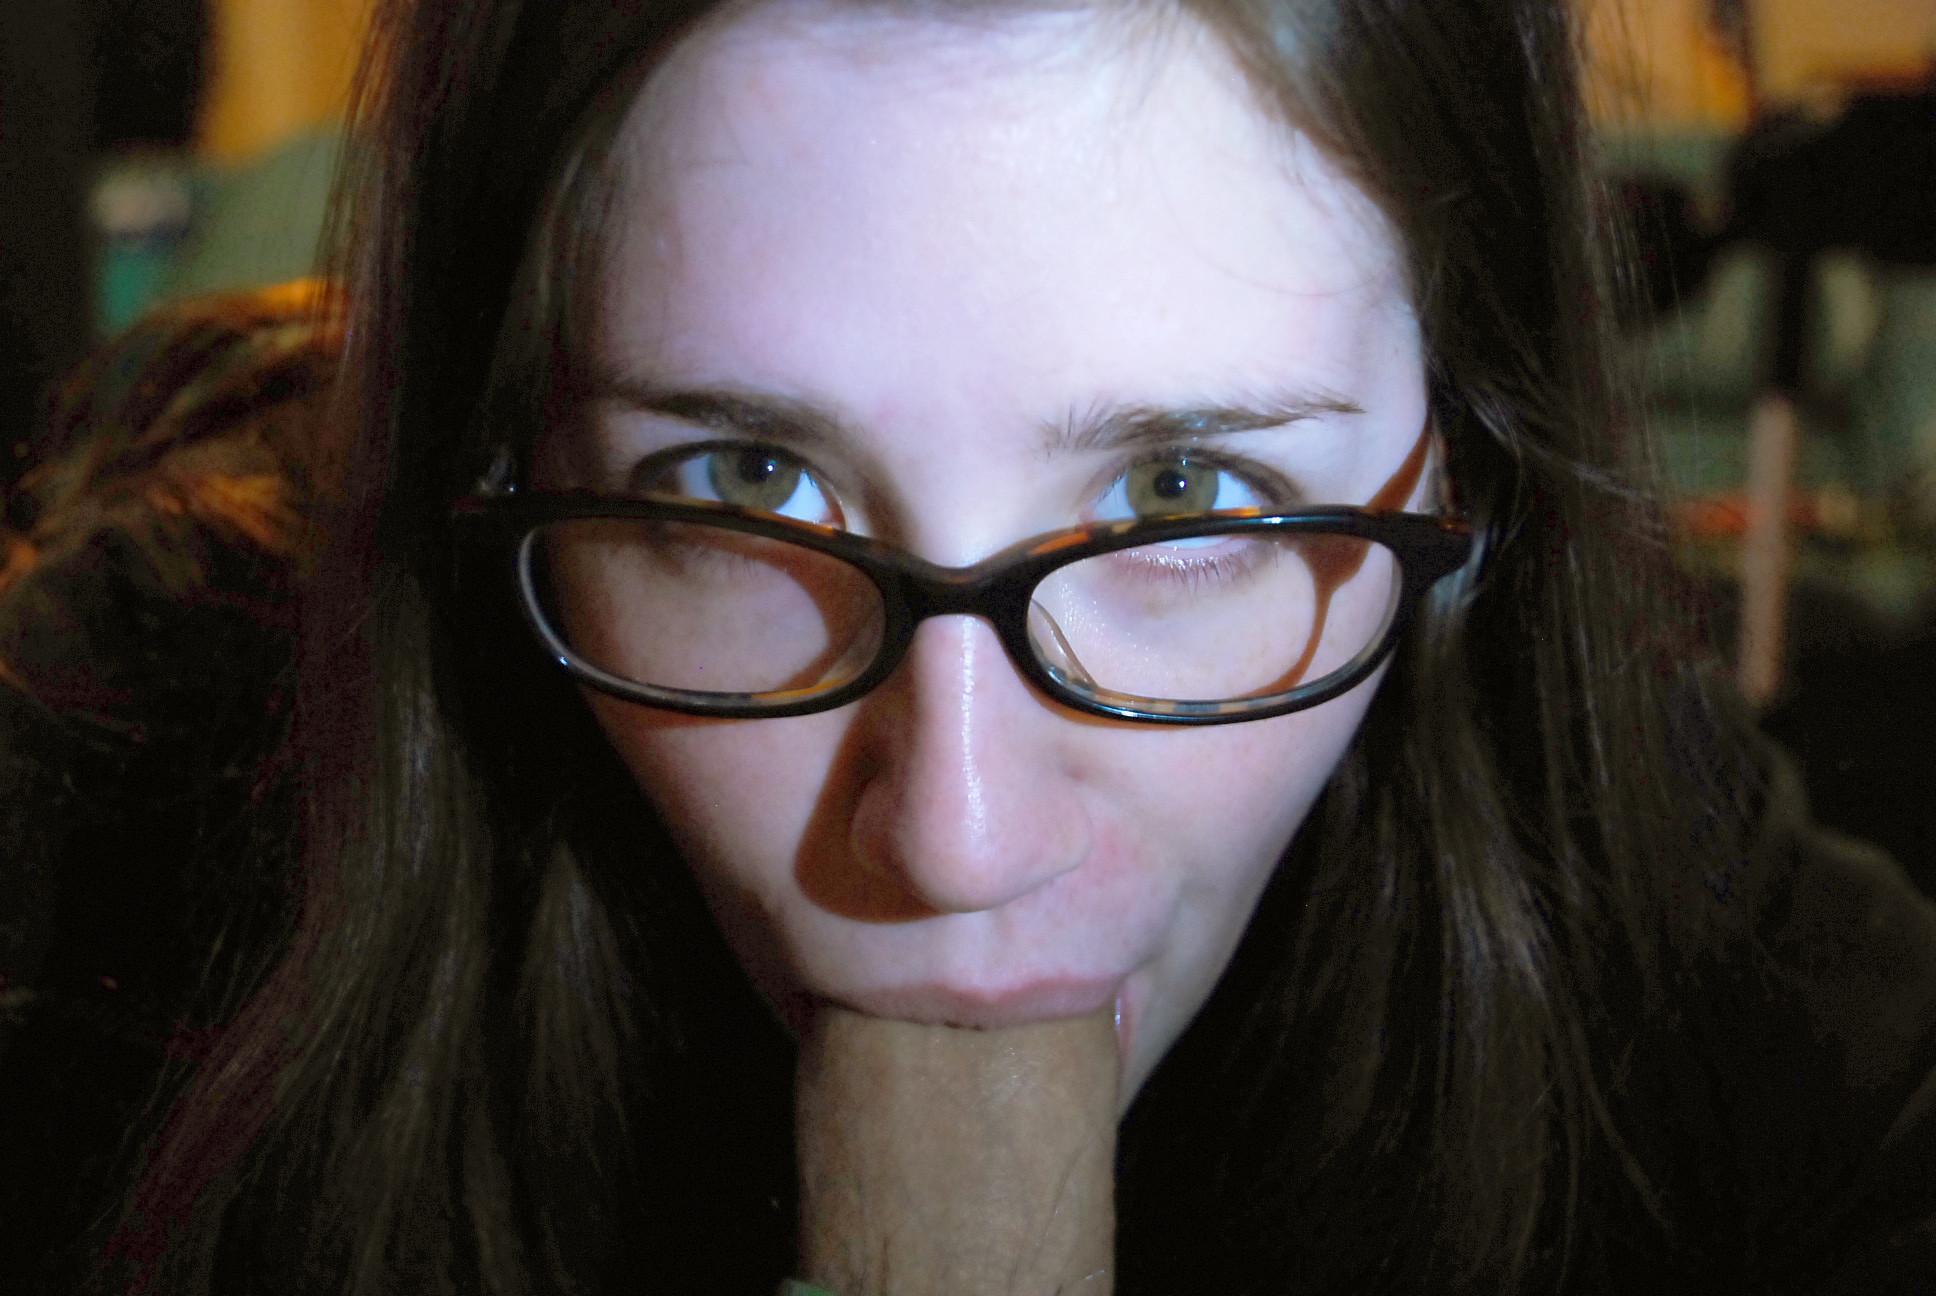 Nerd Glasses Blowjob Porn Pics